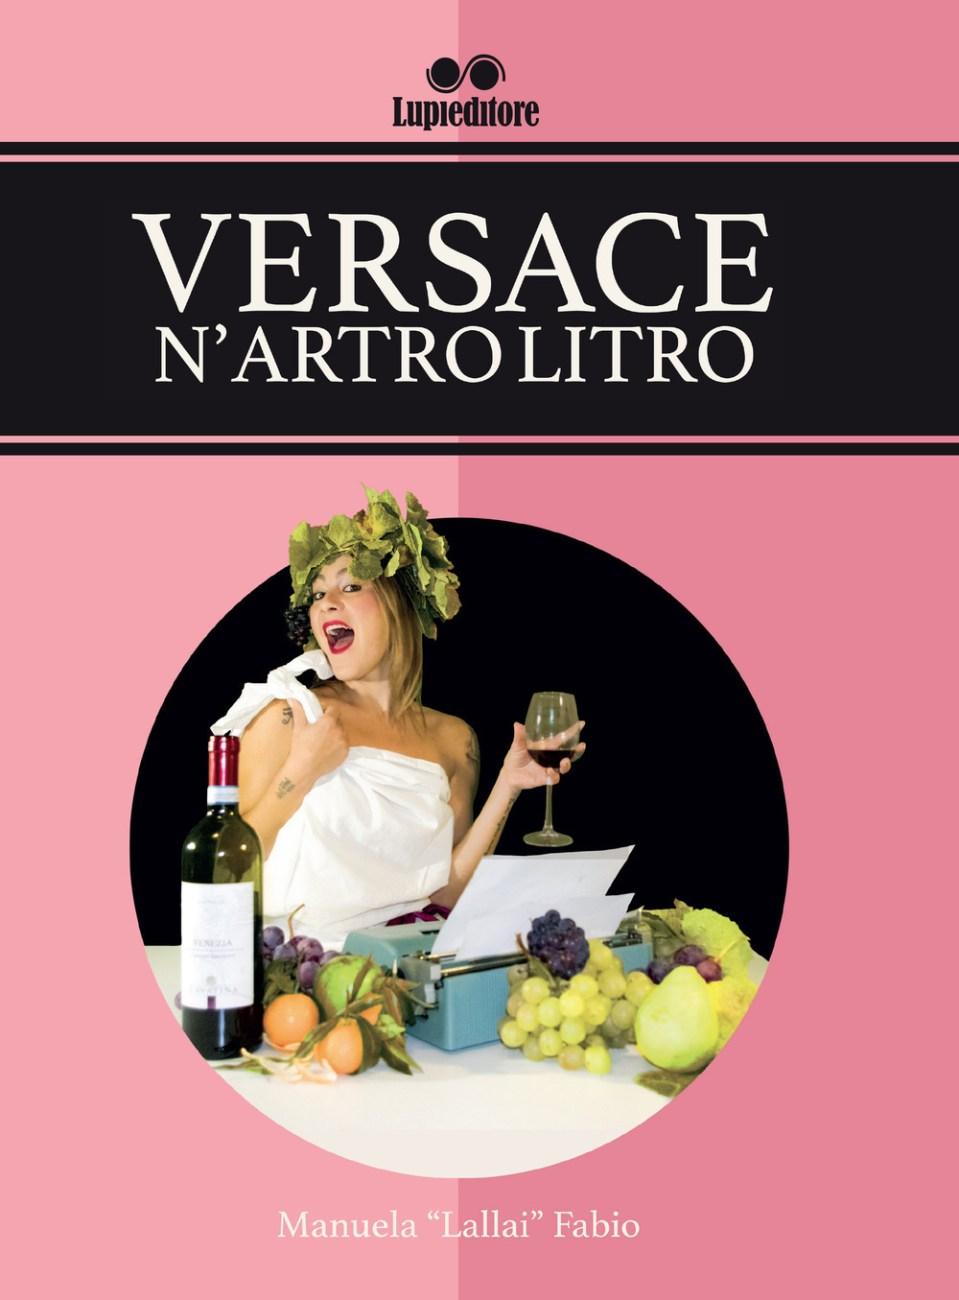 Versace n'artro litro Book Cover